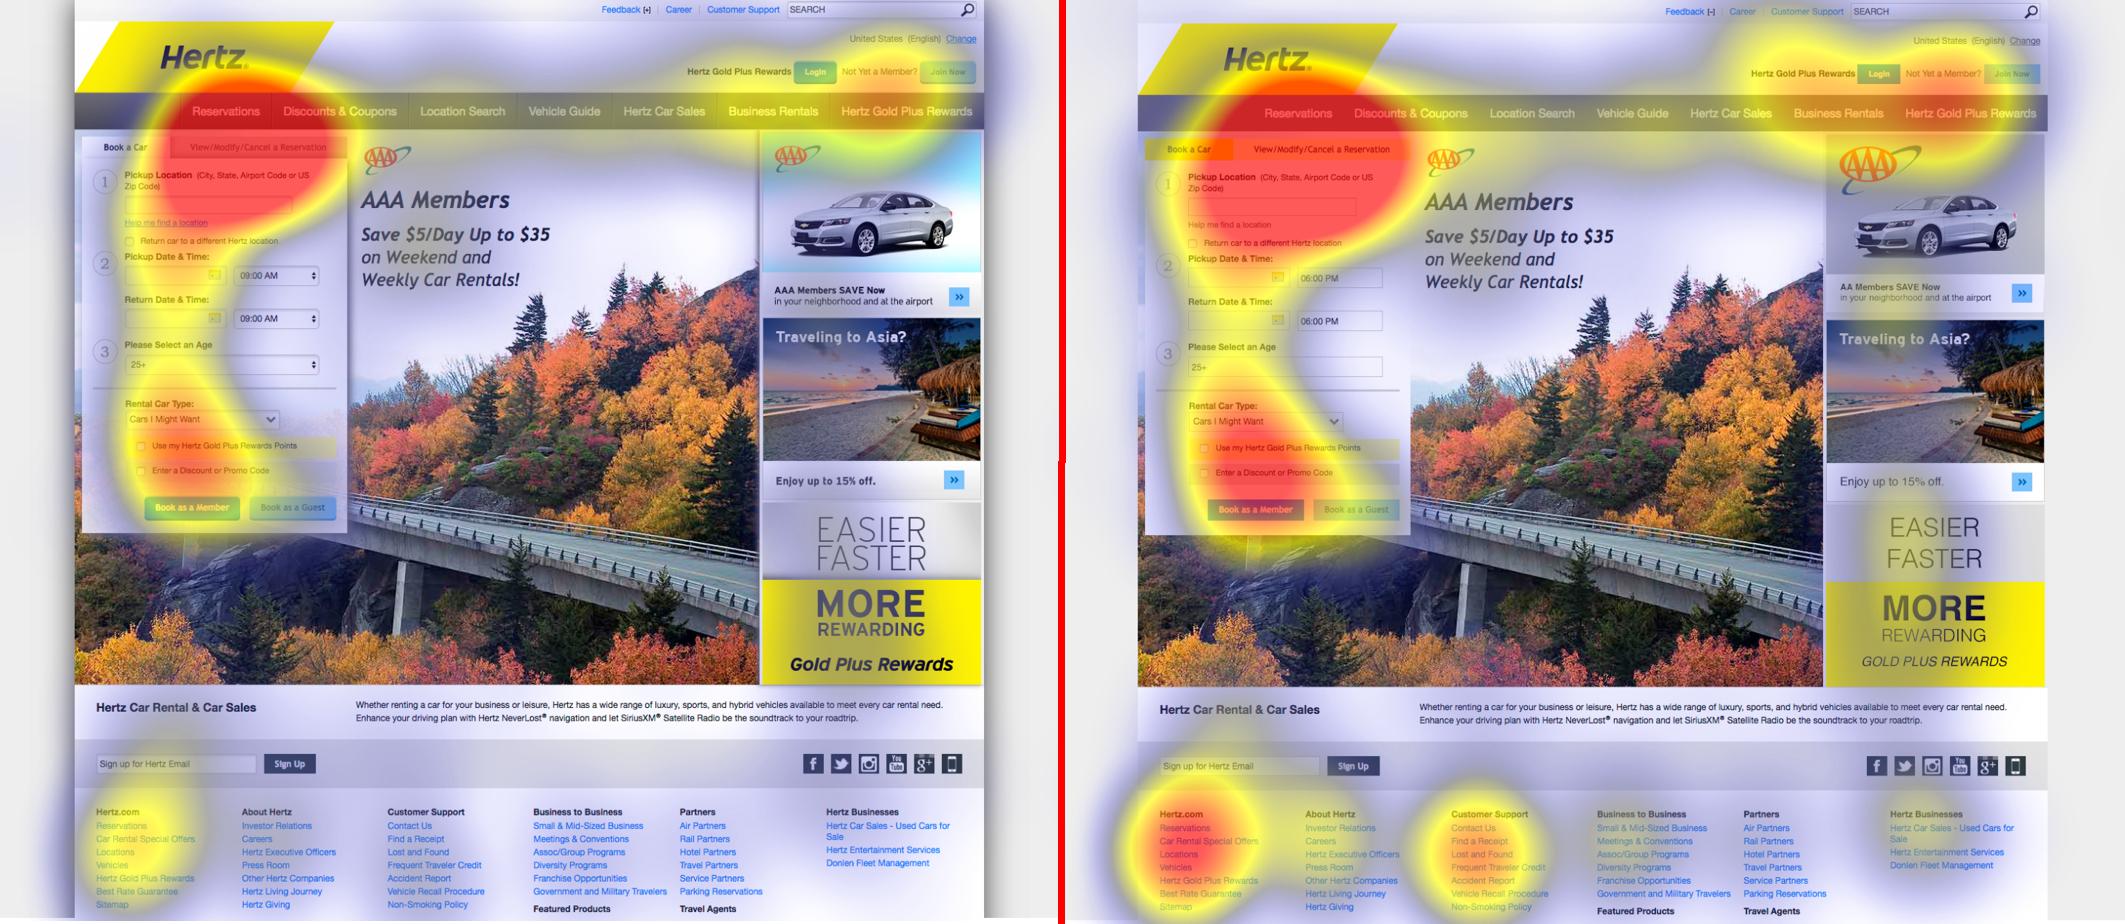 Silná verze vlevo jasně soustředí nejvíce pozornosti směrem k požadované akci. Na slabé verzi webu pozornost od cílového odkazu kolísala nejen k okolním prvkům a reklamním objektům, ale i k menu v zápatí. Právě toto hledání v menu silně naznačuje, že uživatelé nebyli schopni využít hlavních navigačních prvků.